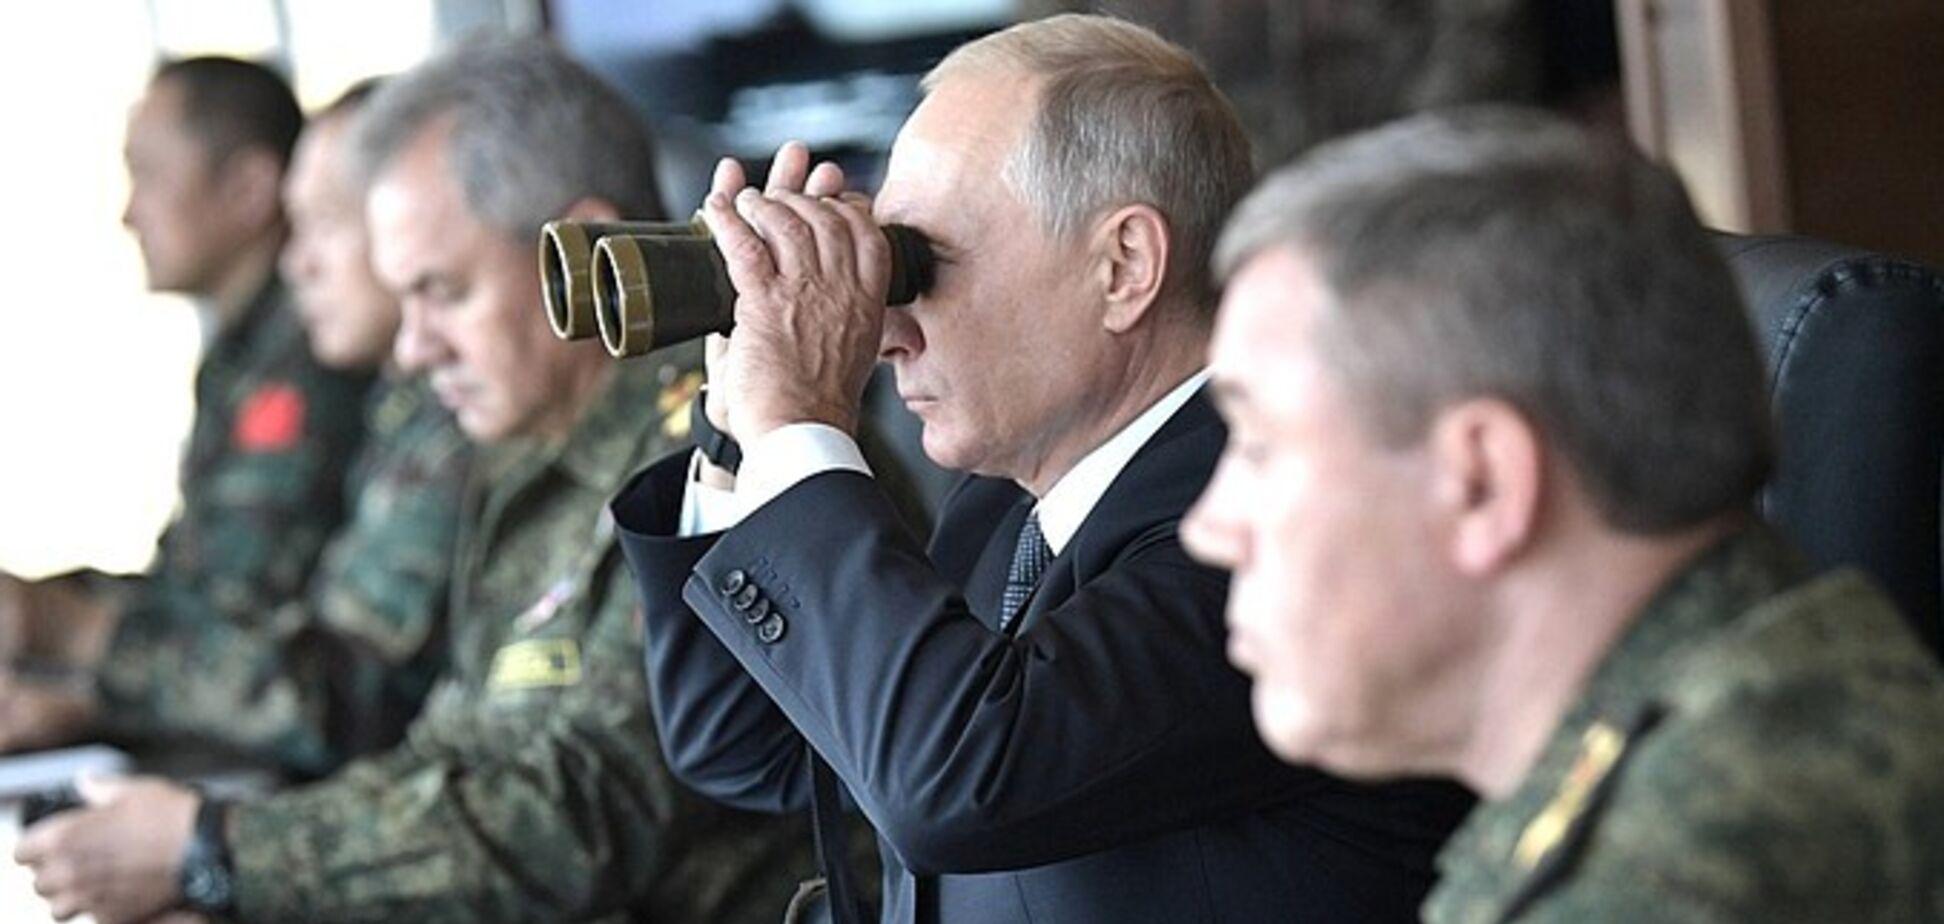 Путин упустил свой шанс в Украине: сделан прогноз военной угрозы со стороны России